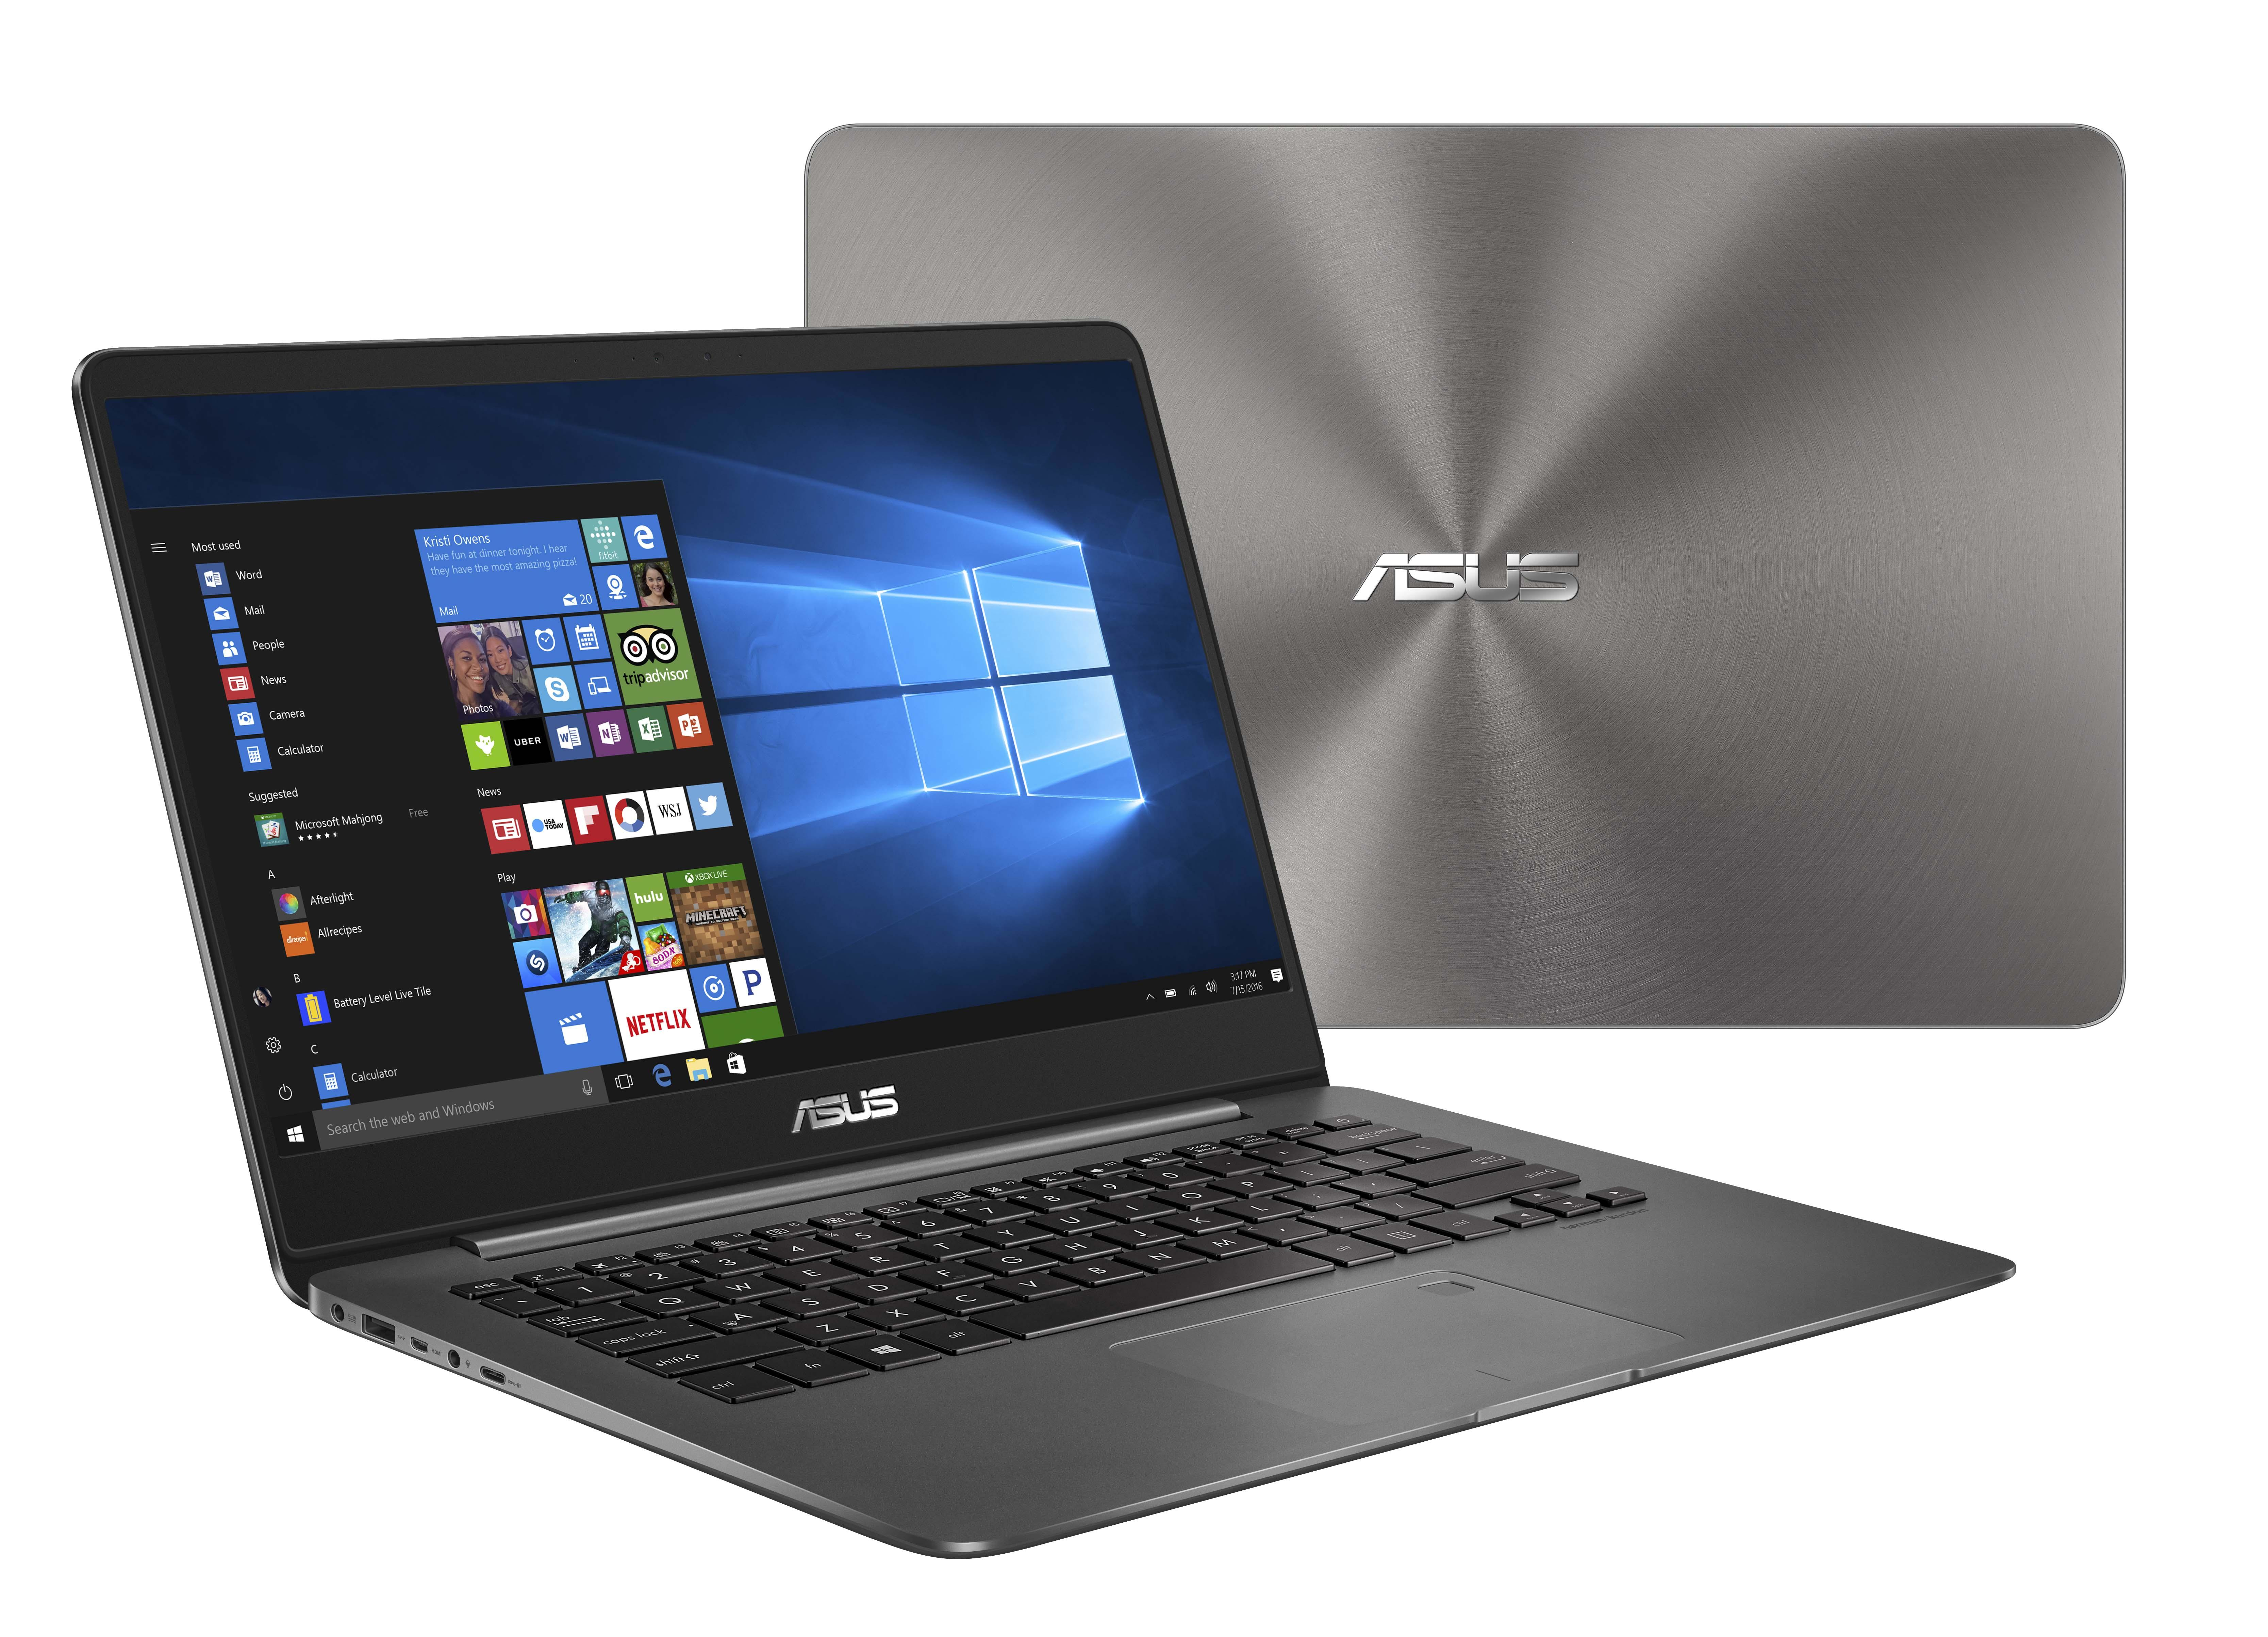 ASUS ZENBOOK UX3430UN - 14 Notebook - Core i7 Mobile 1,8 GHz 35,6 cm